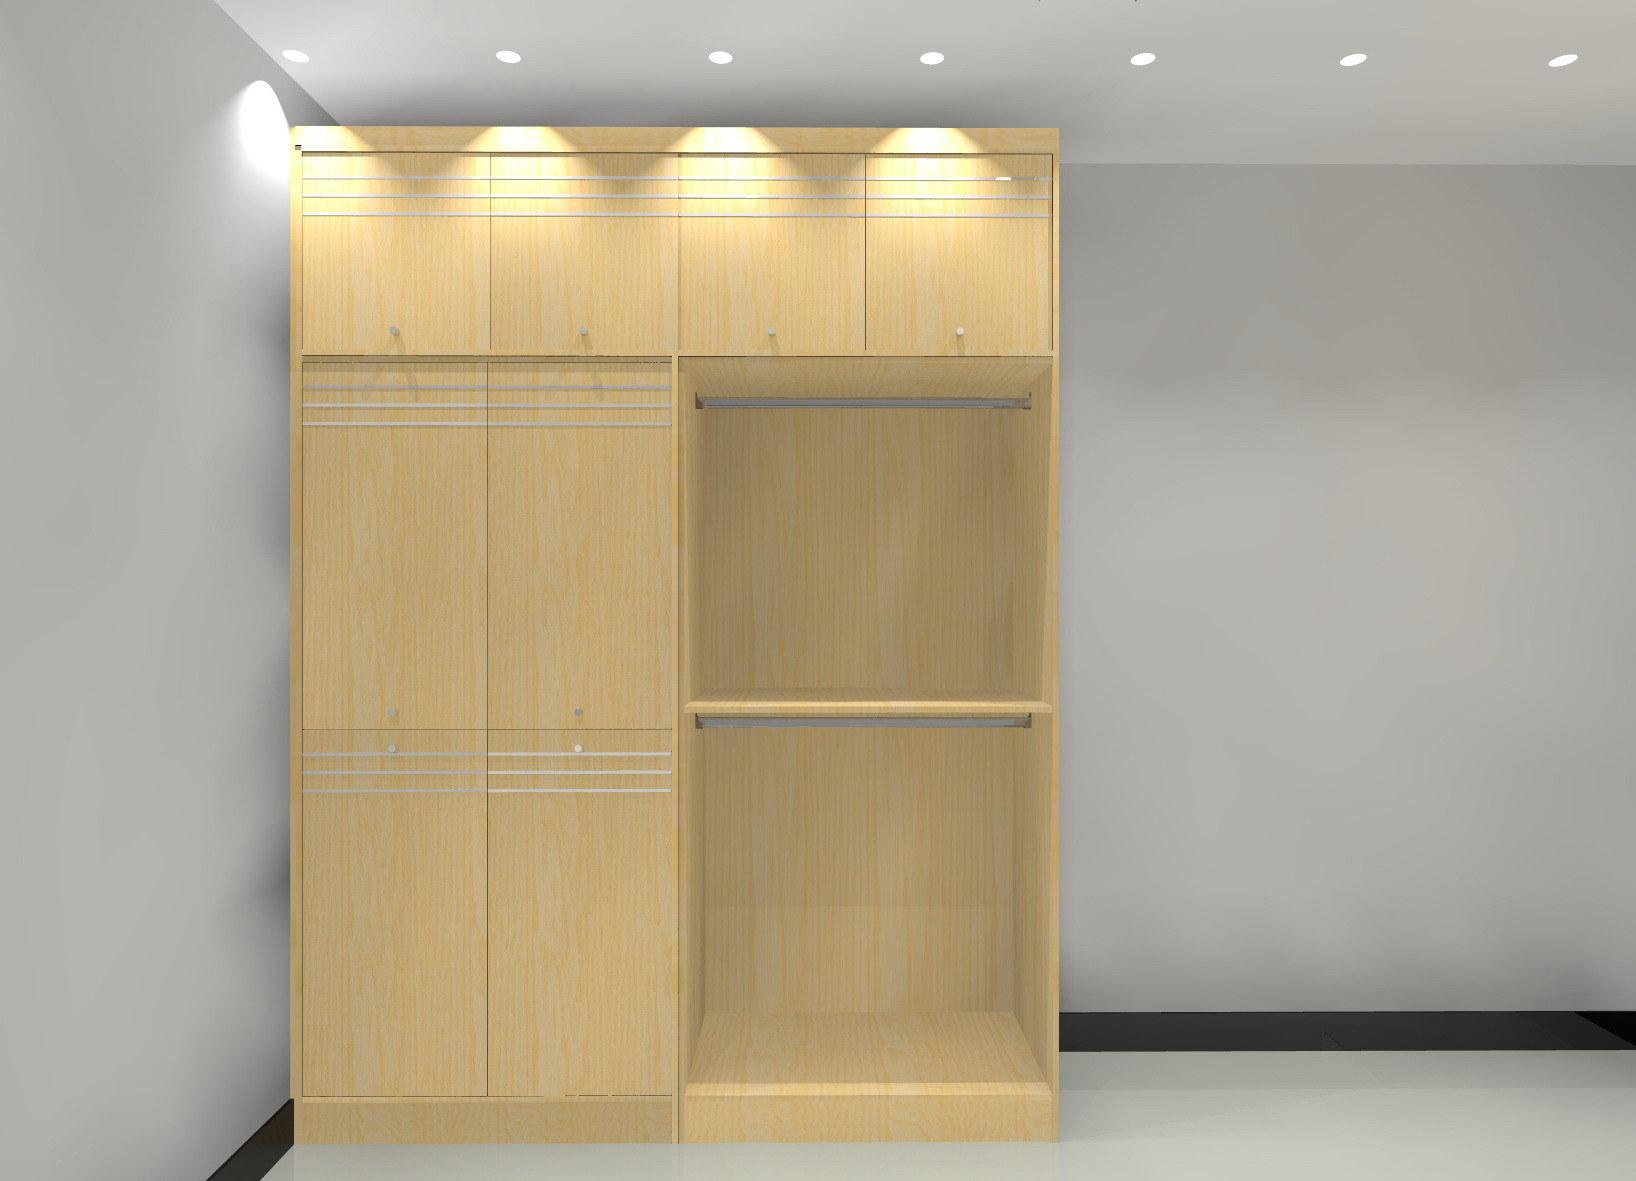 muebles caseros del guardarropa hb d41 muebles caseros